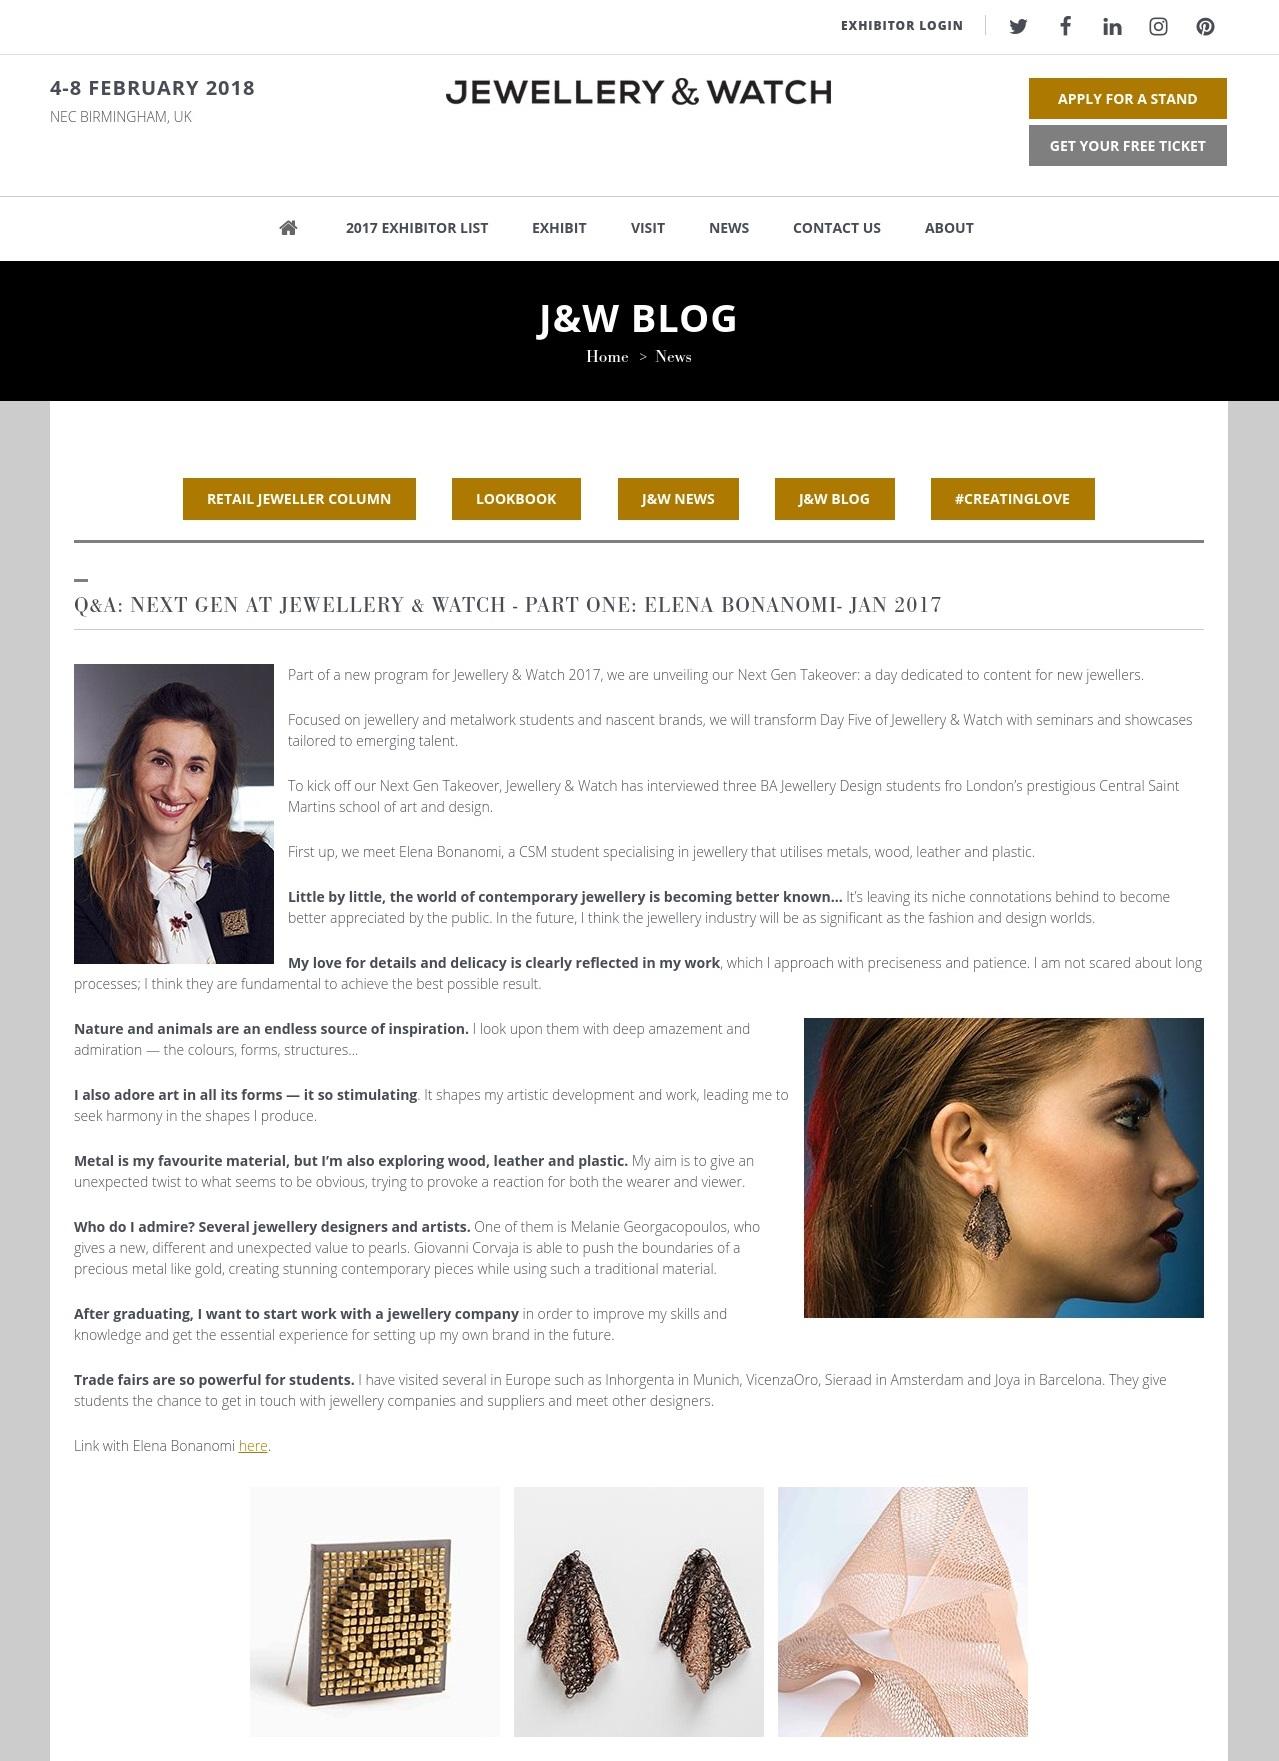 Elena Lara Bonanomi - Jeweller & Watch Birmingham